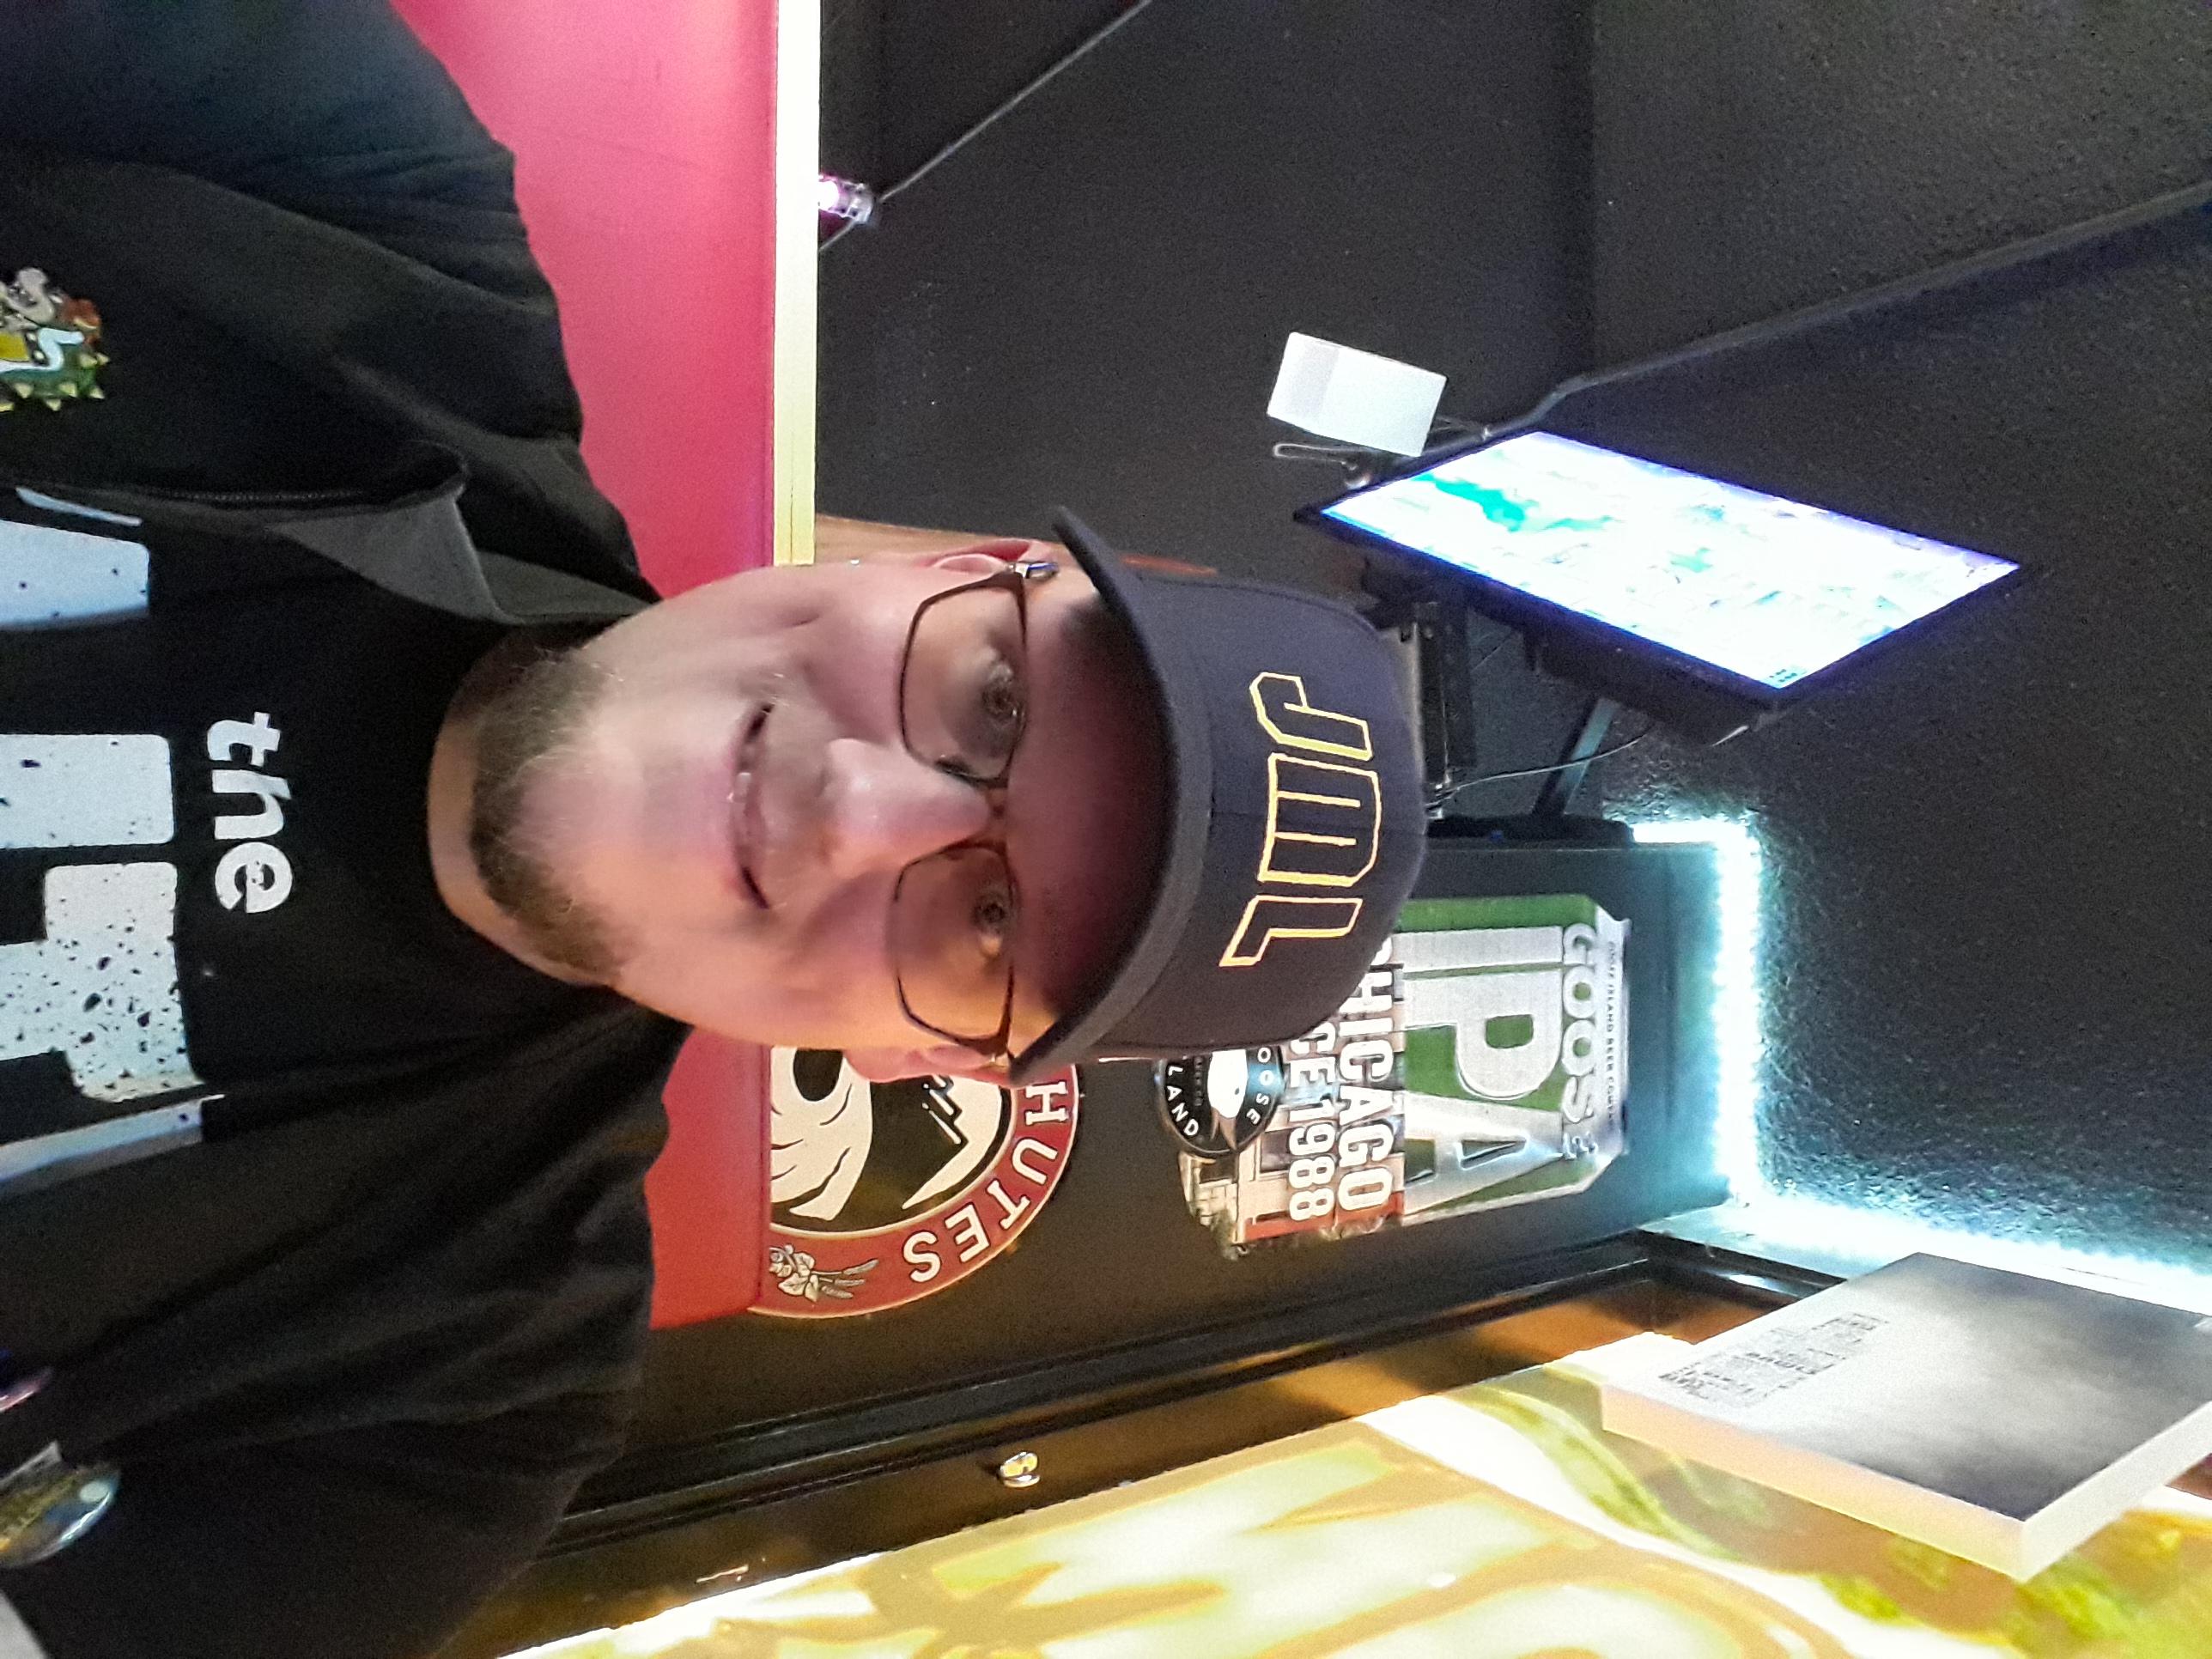 JML101582: Play-Choice 10: Mike Tyson